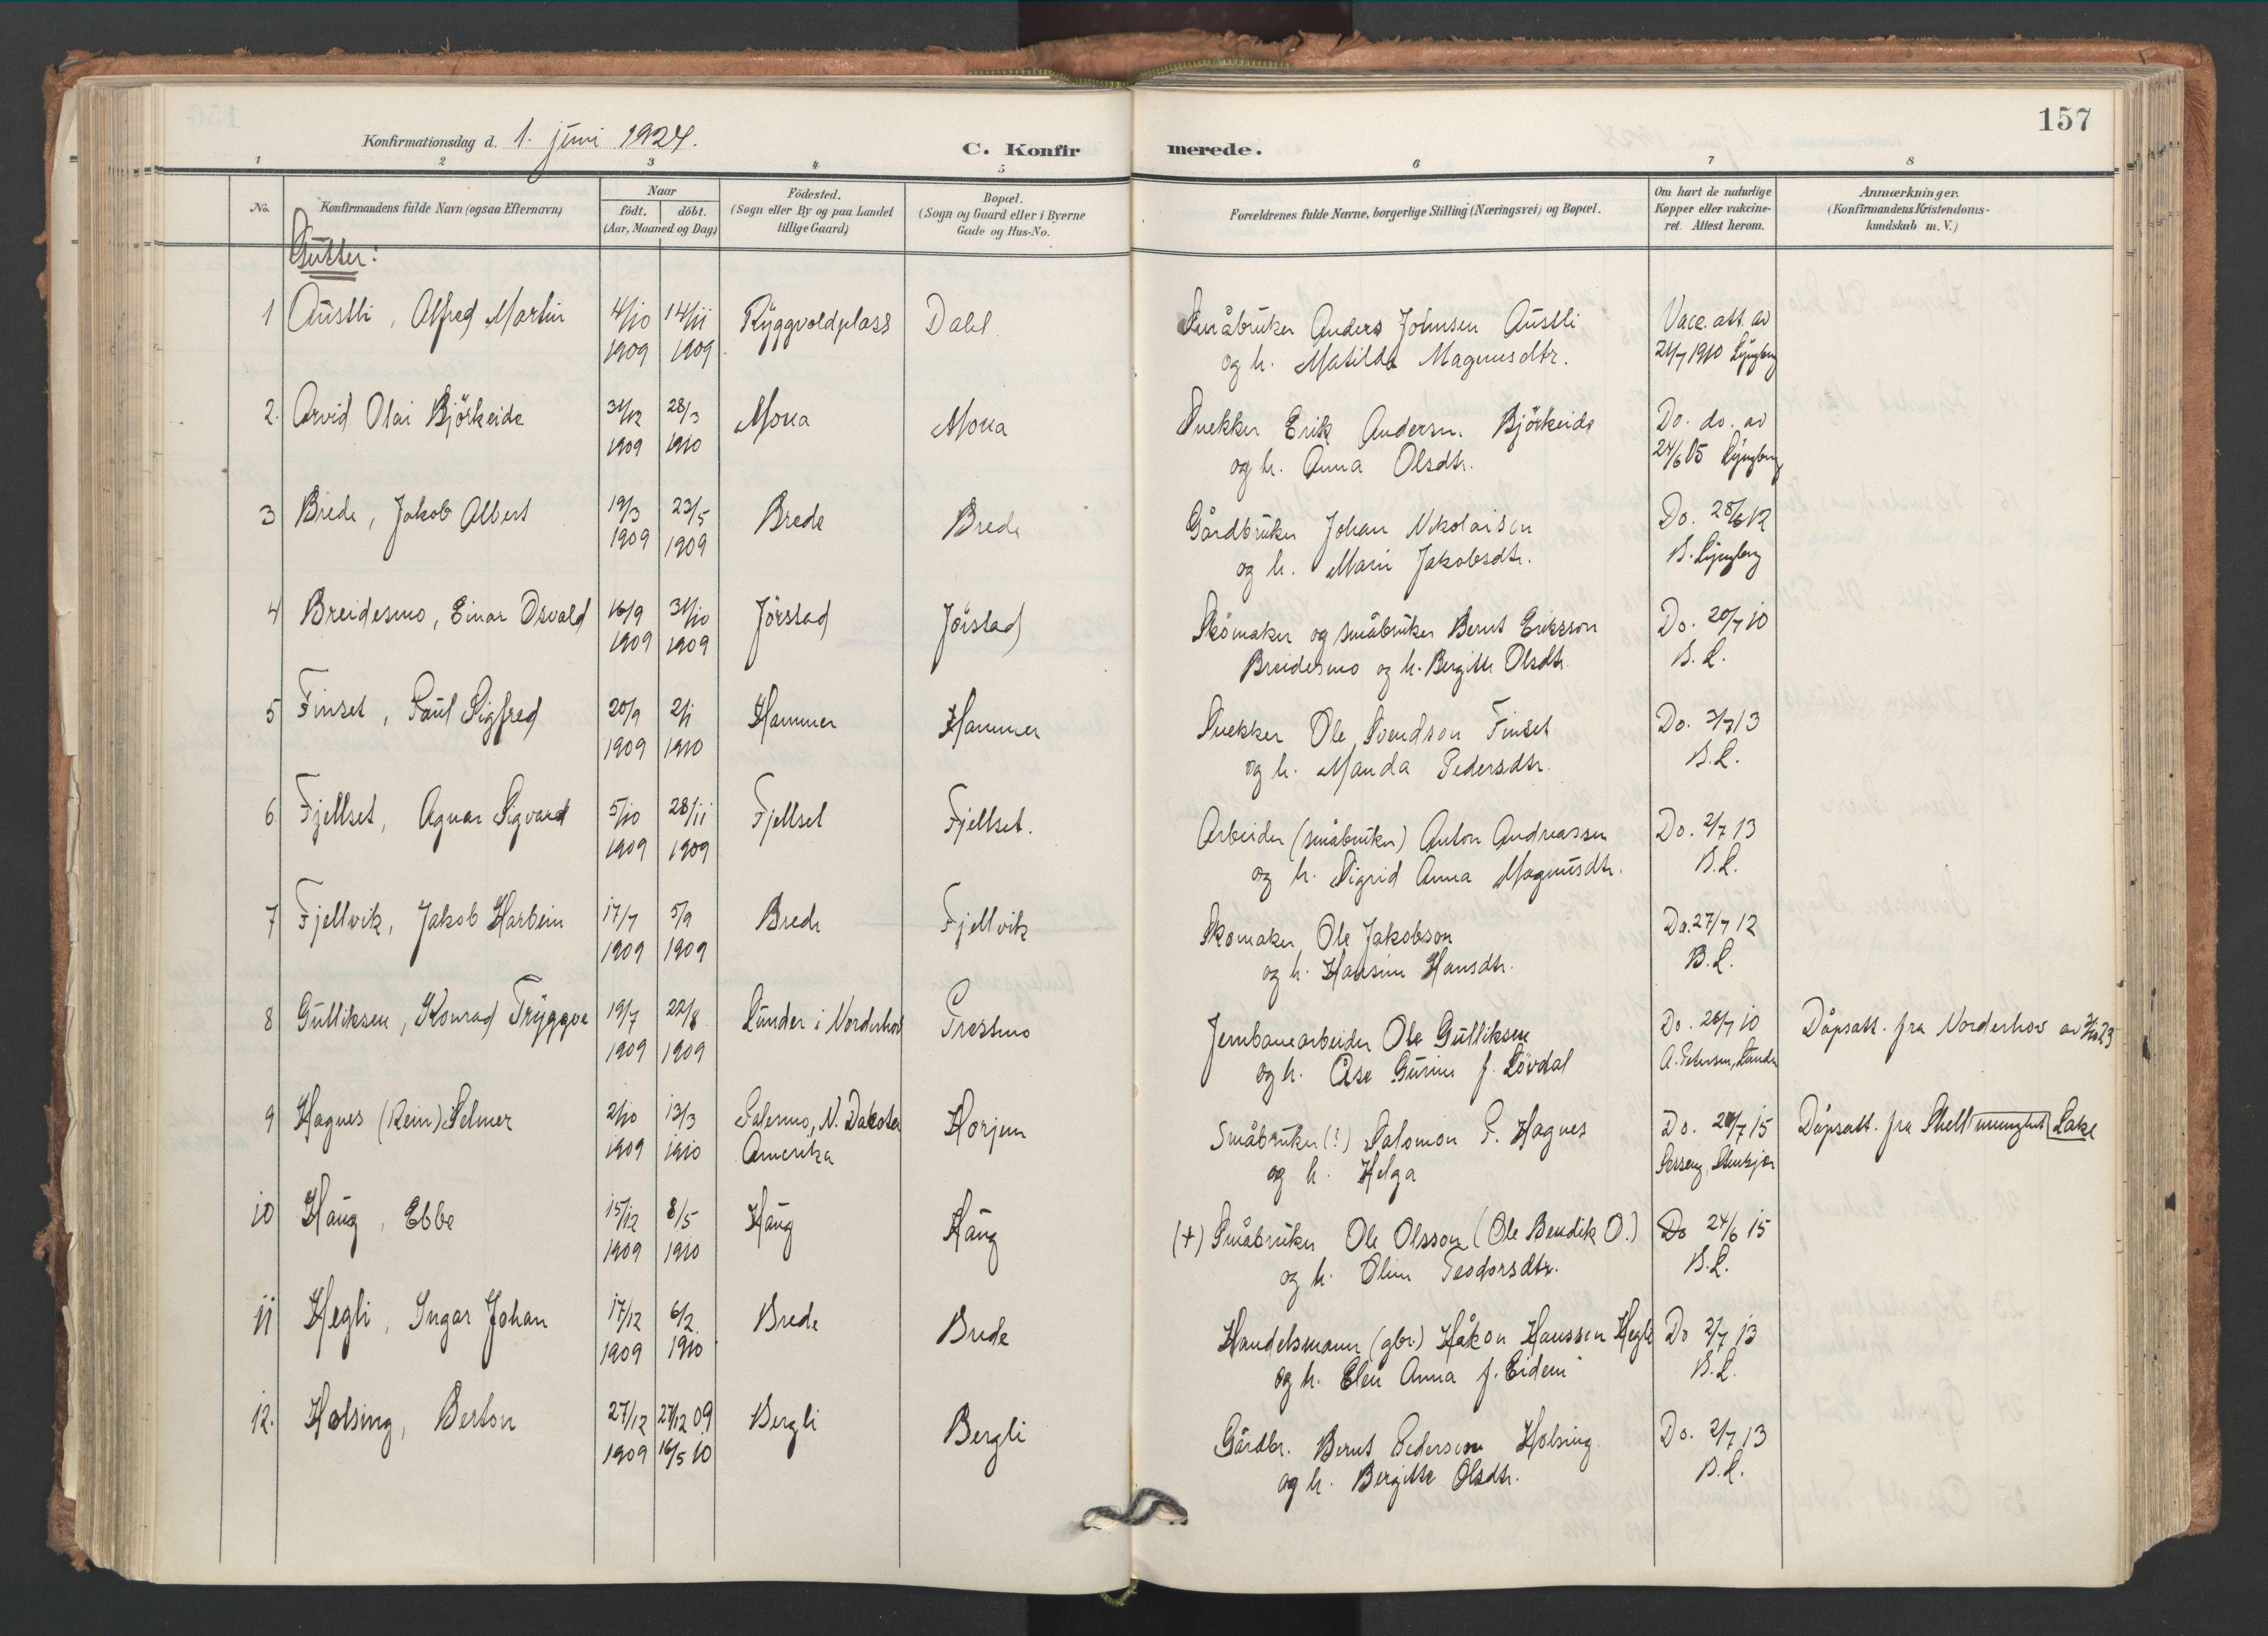 SAT, Ministerialprotokoller, klokkerbøker og fødselsregistre - Nord-Trøndelag, 749/L0477: Ministerialbok nr. 749A11, 1902-1927, s. 157